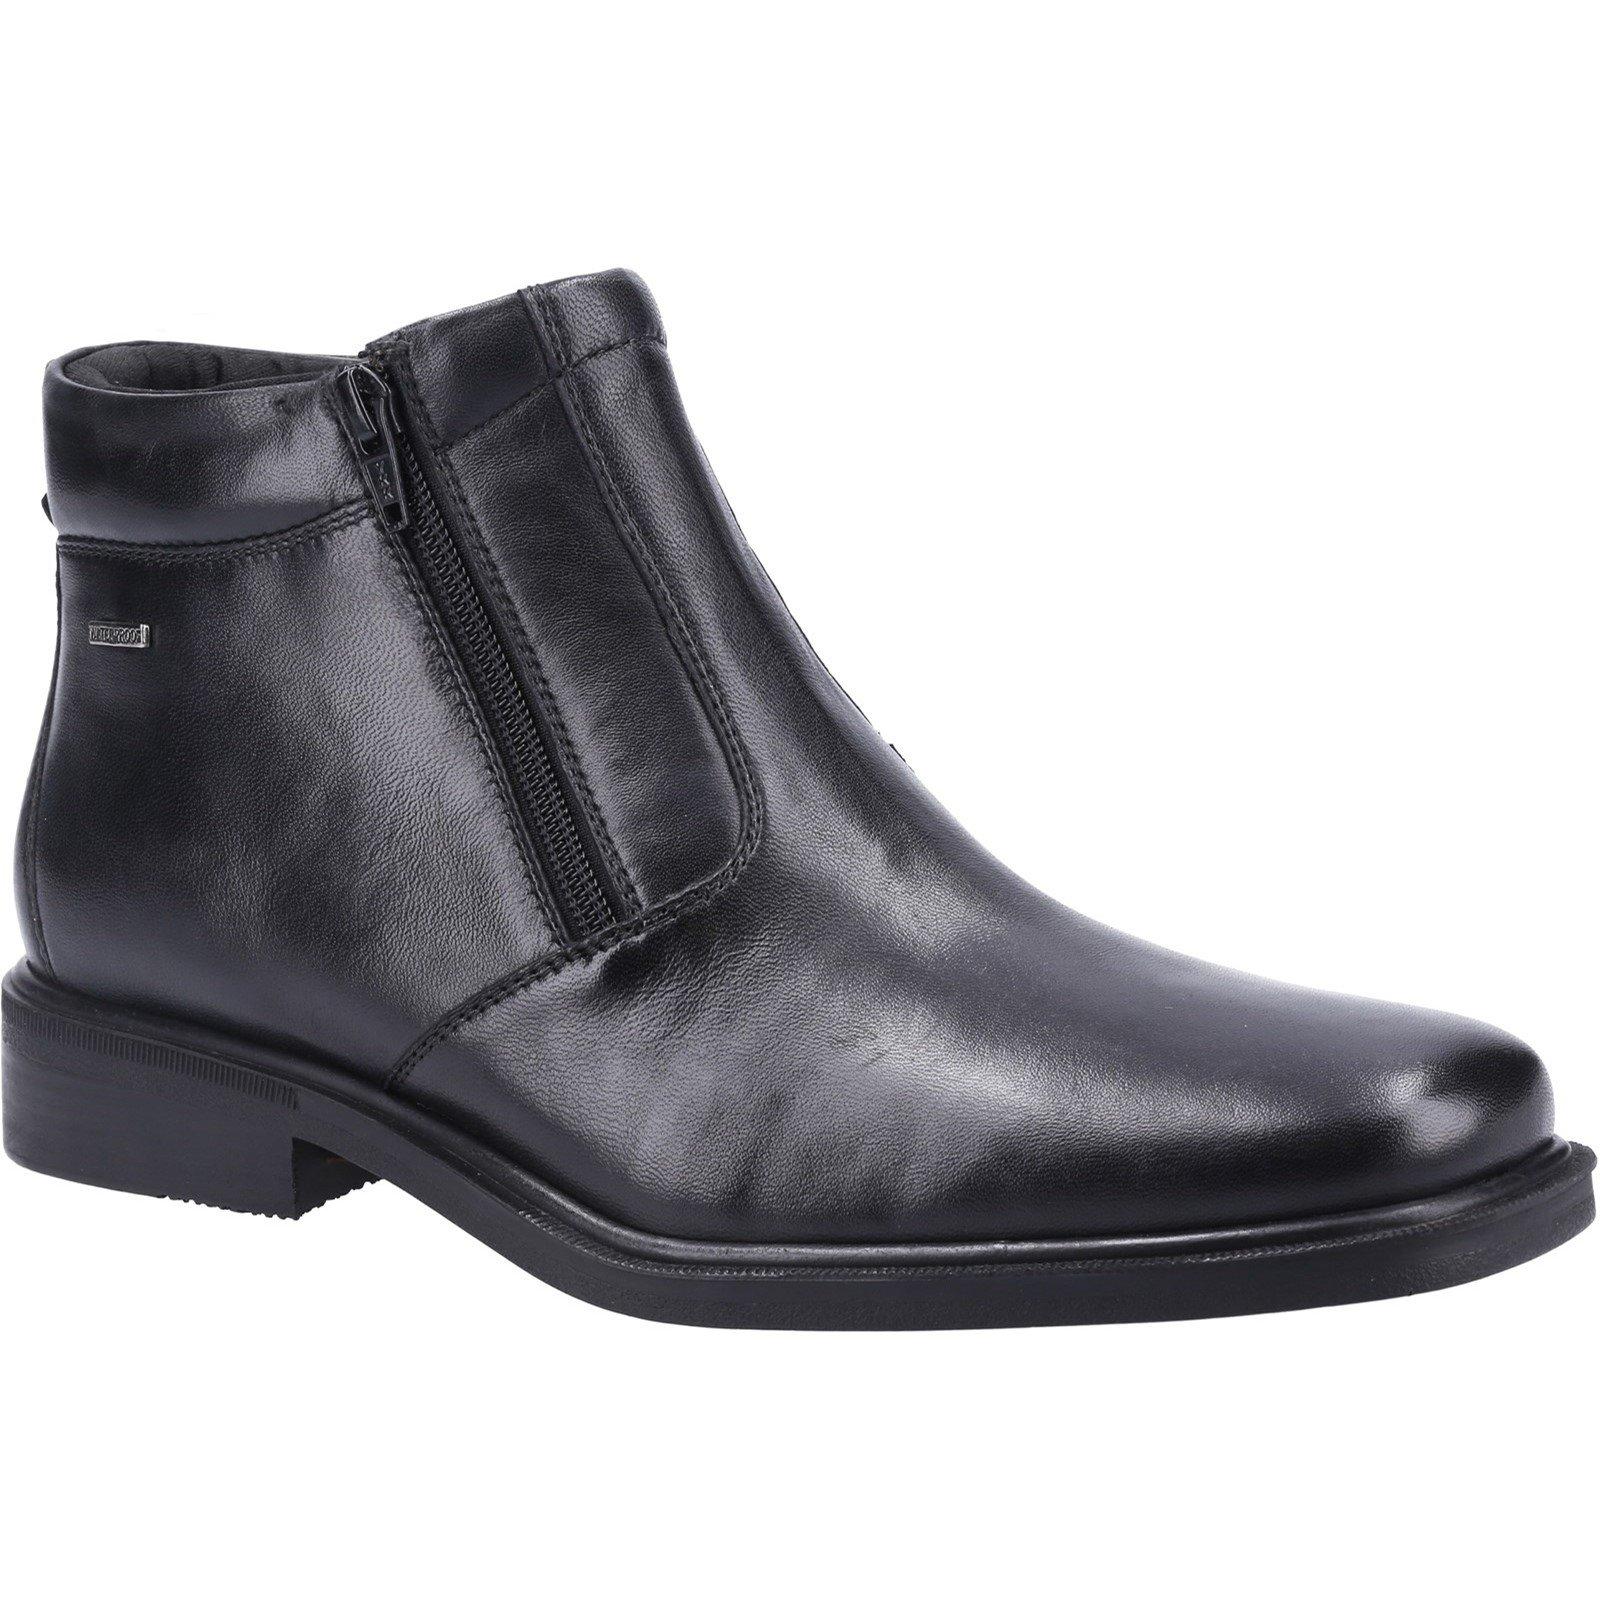 Cotswold Men's Kelmscott 2 Waterproof Boot Black 32972 - Black 11